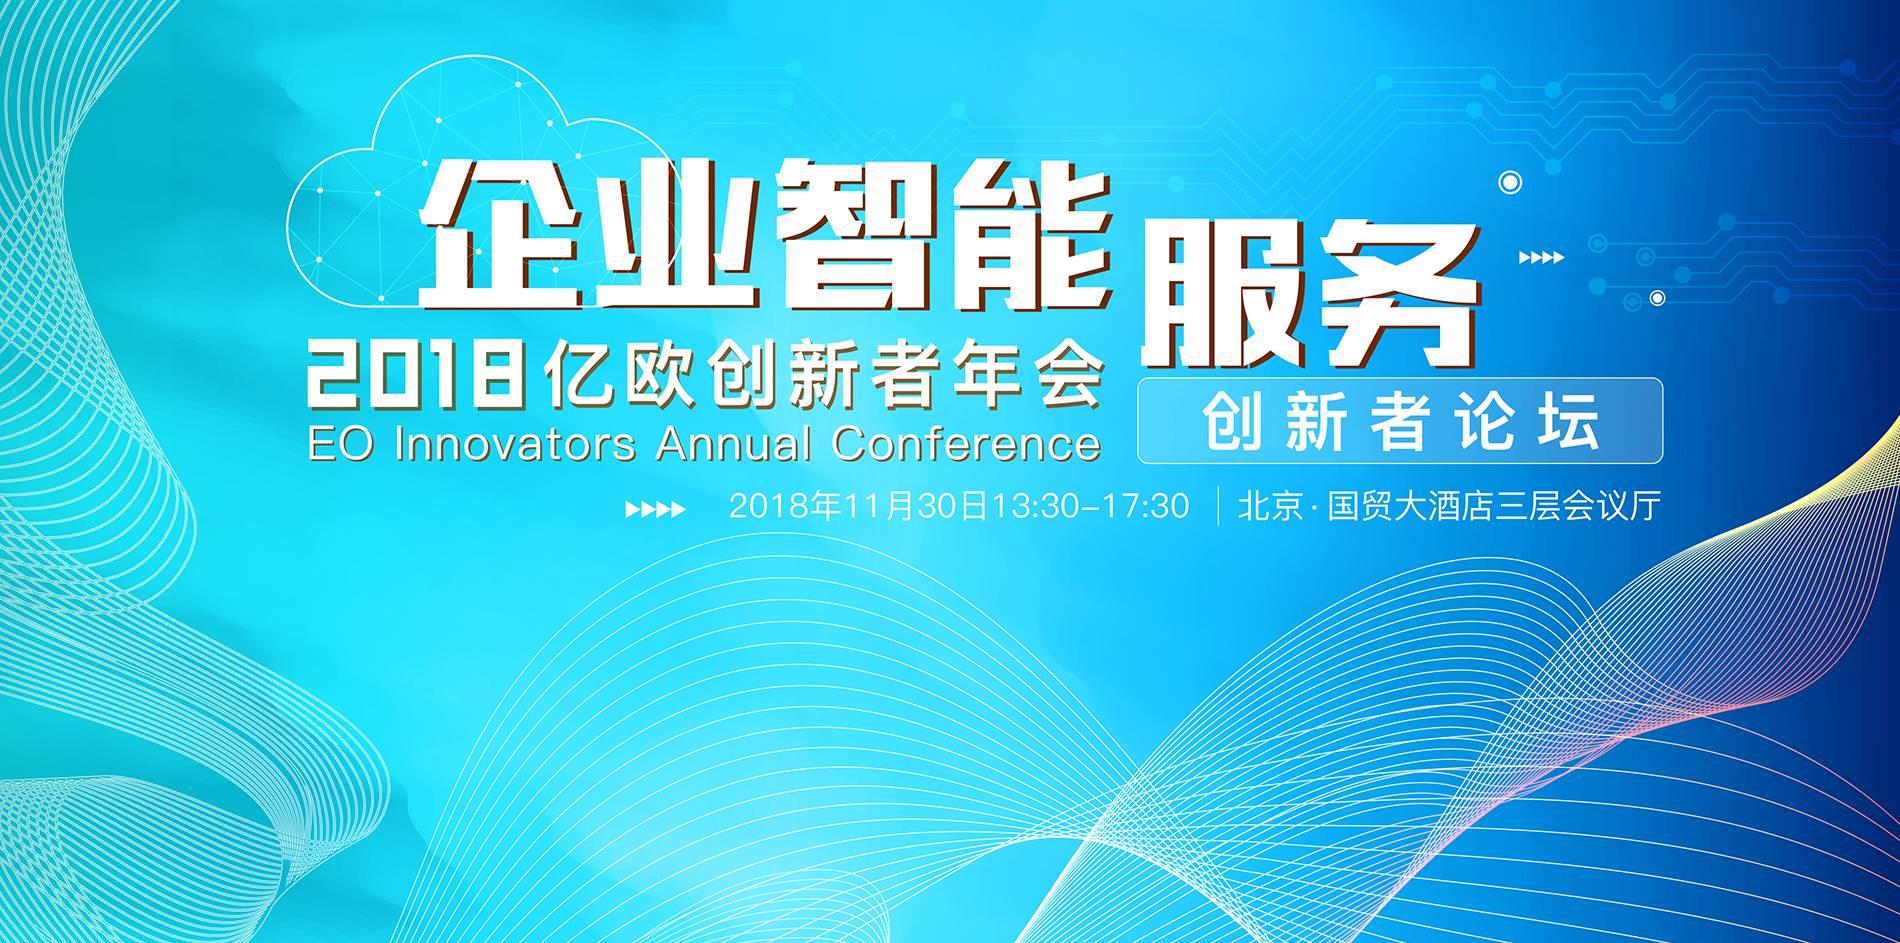 【活动】企业智能服务创新者论坛-亿欧